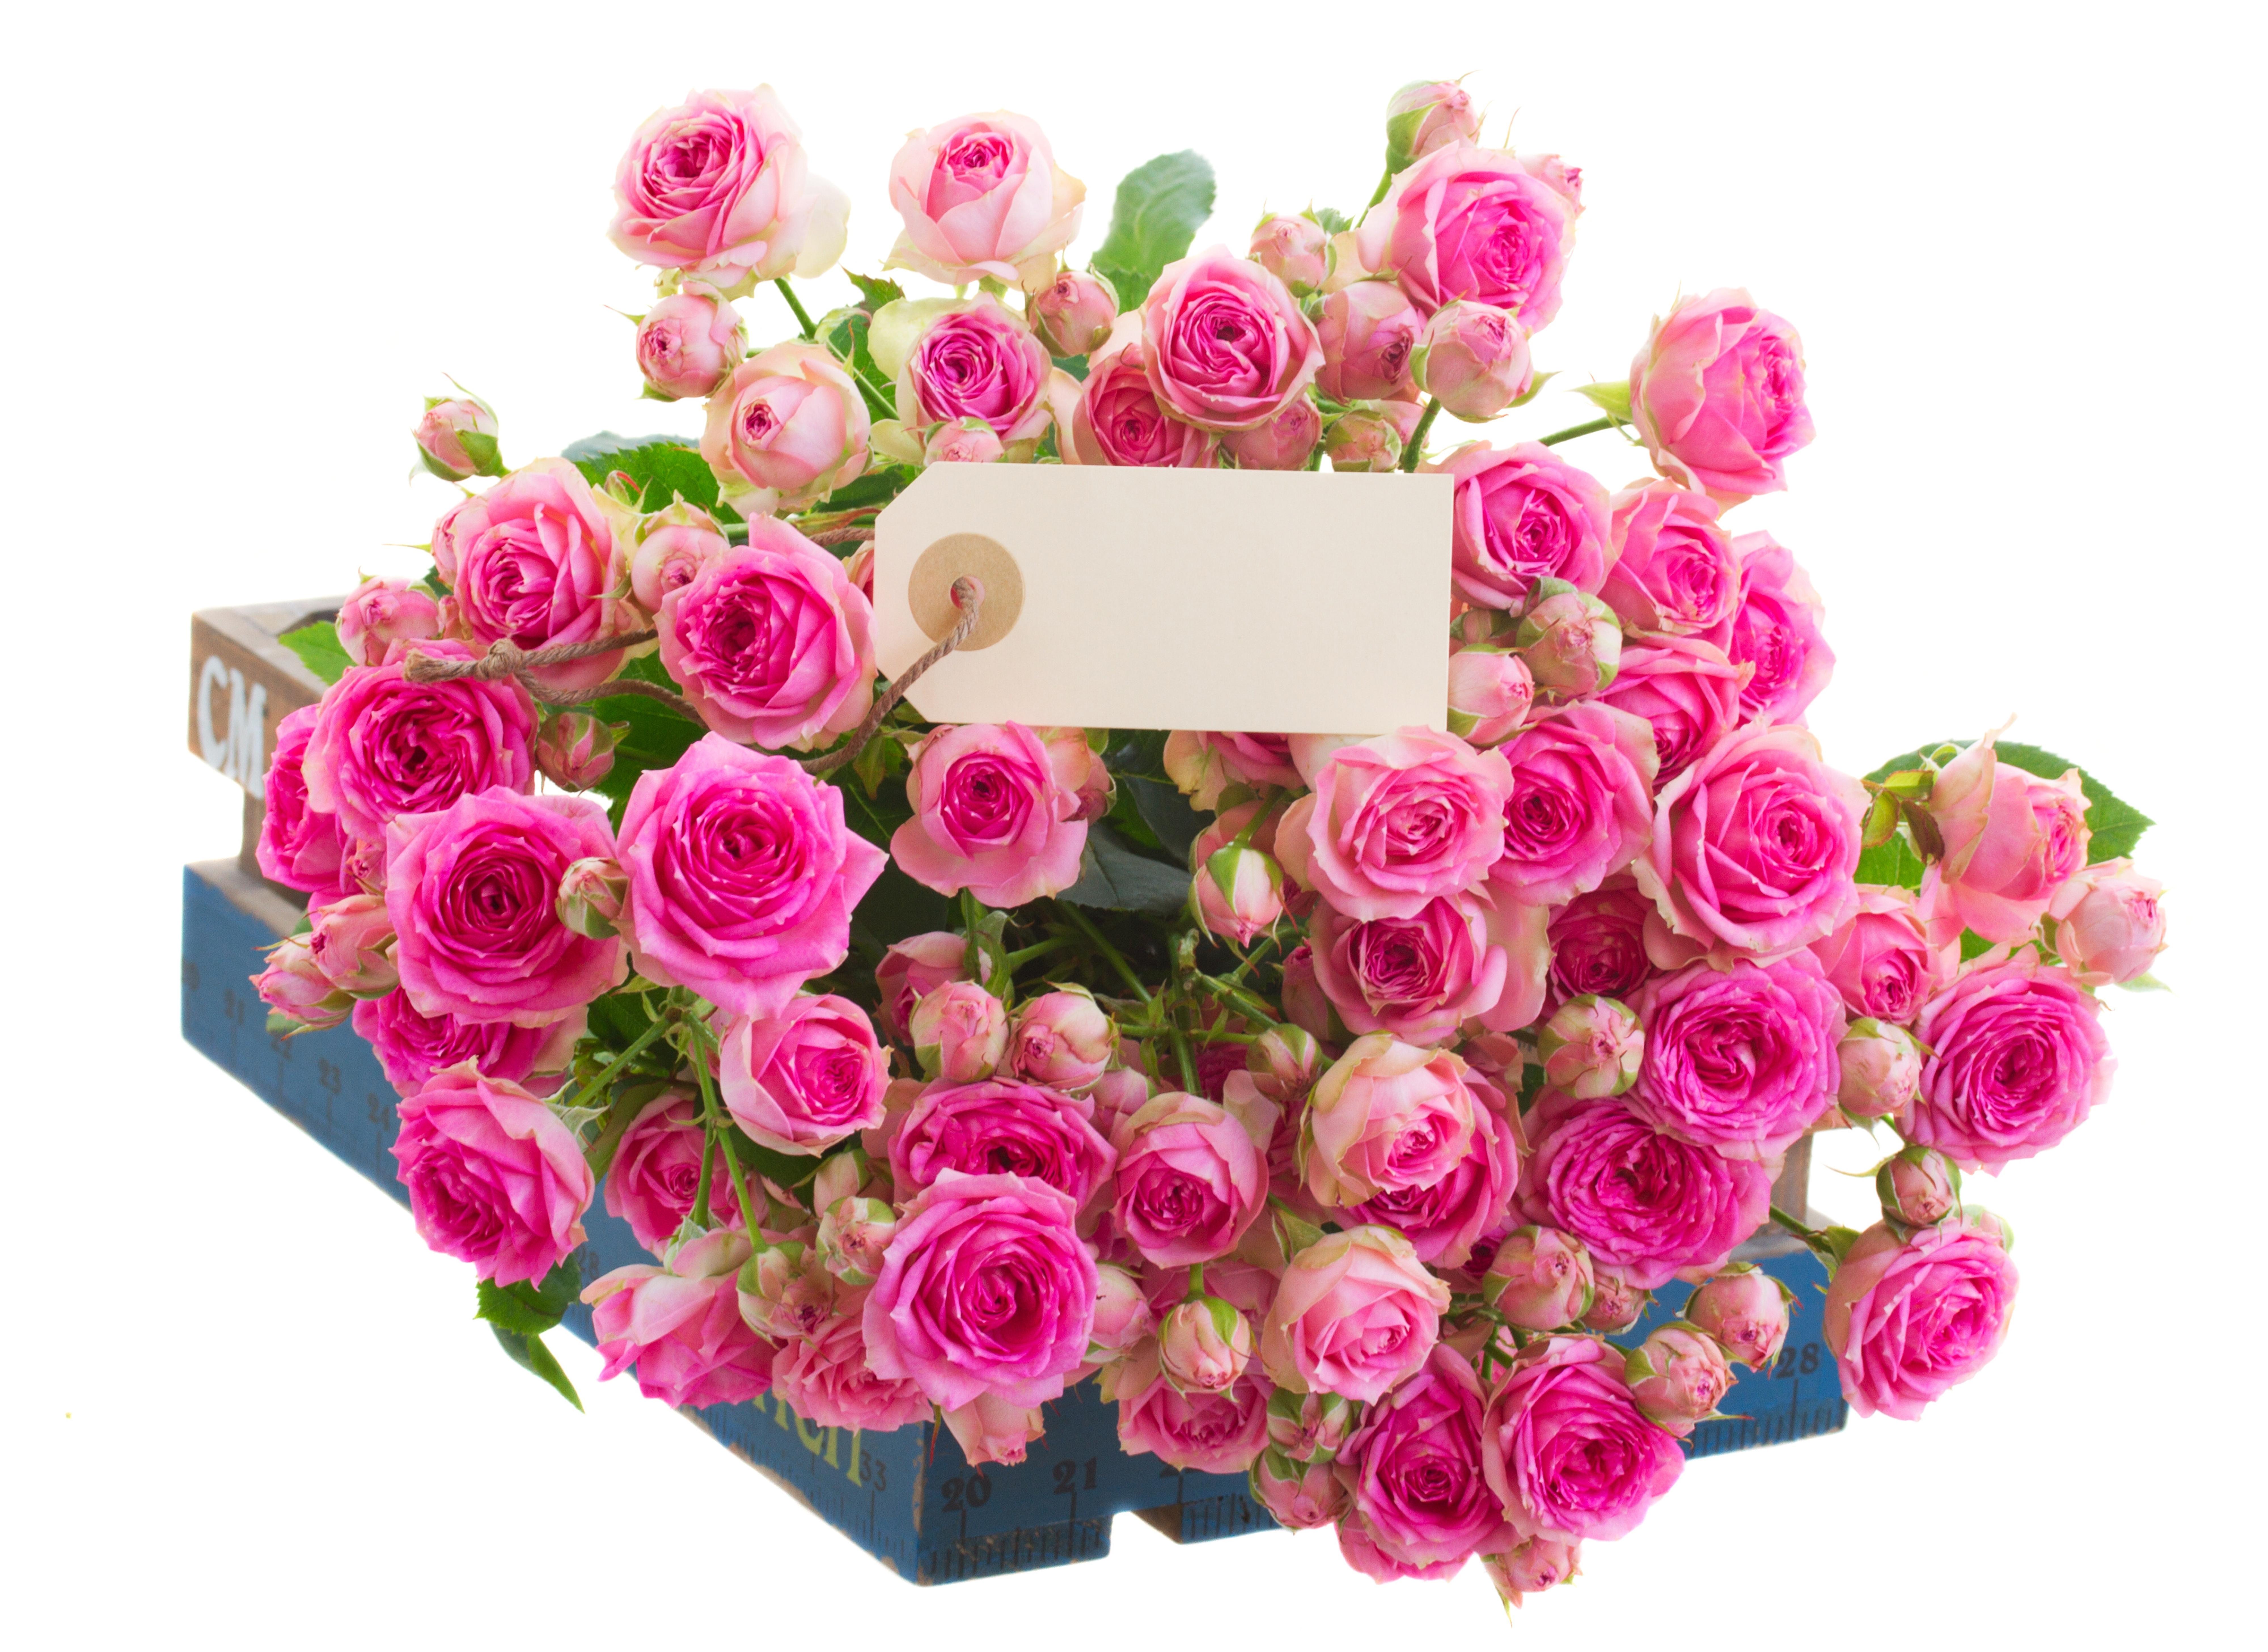 Открытки с цветами розовые розы, днем рождения